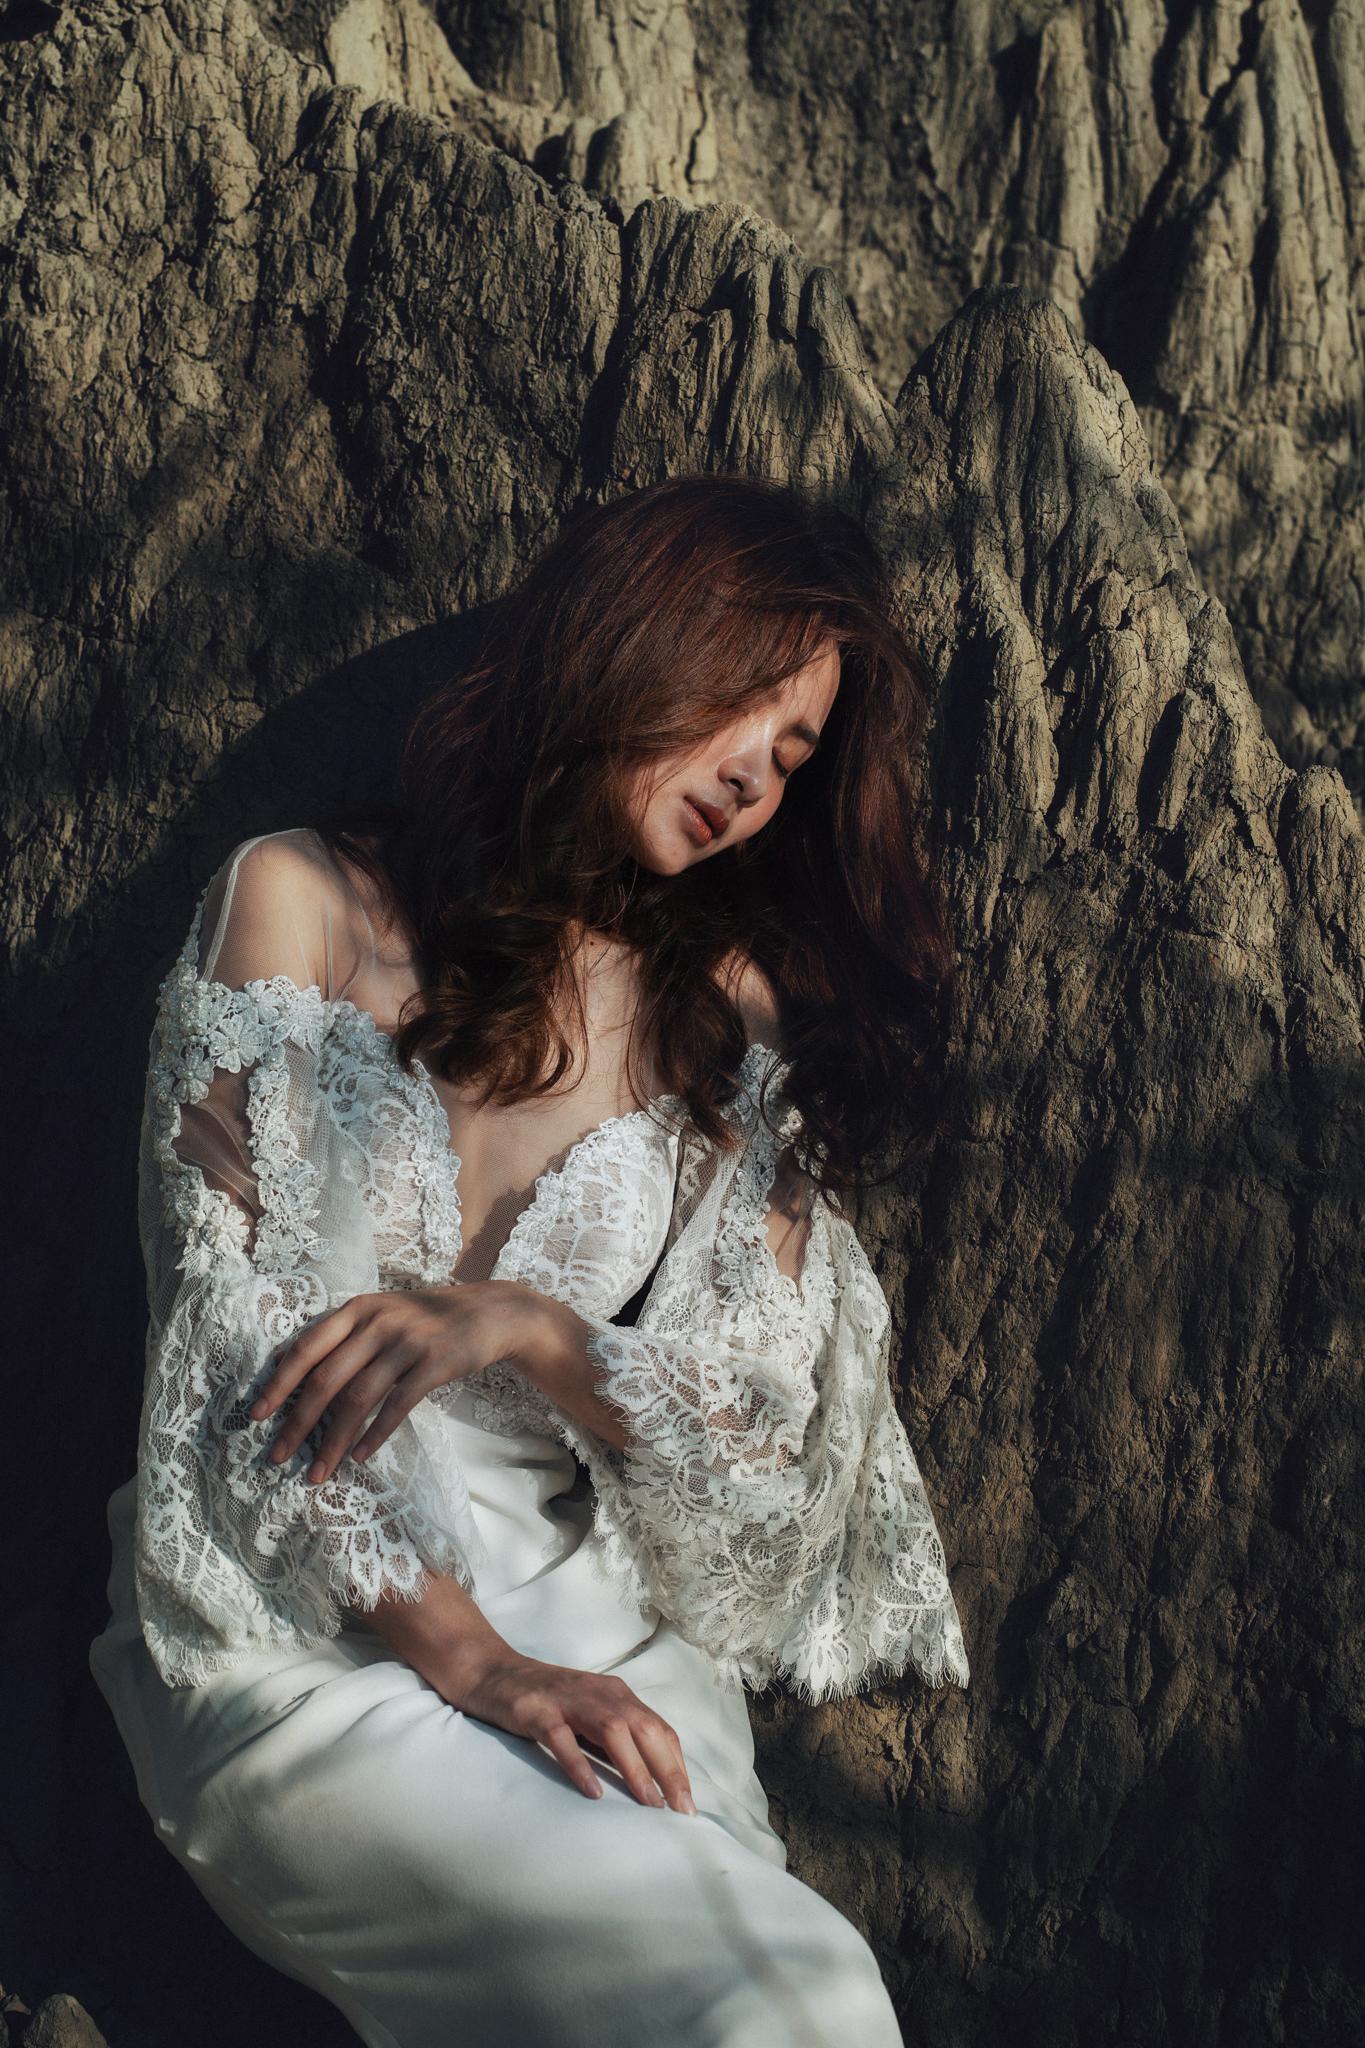 月世界, 東法, 藝術婚紗, 婚紗影像, Fine Art, EW, Donfer